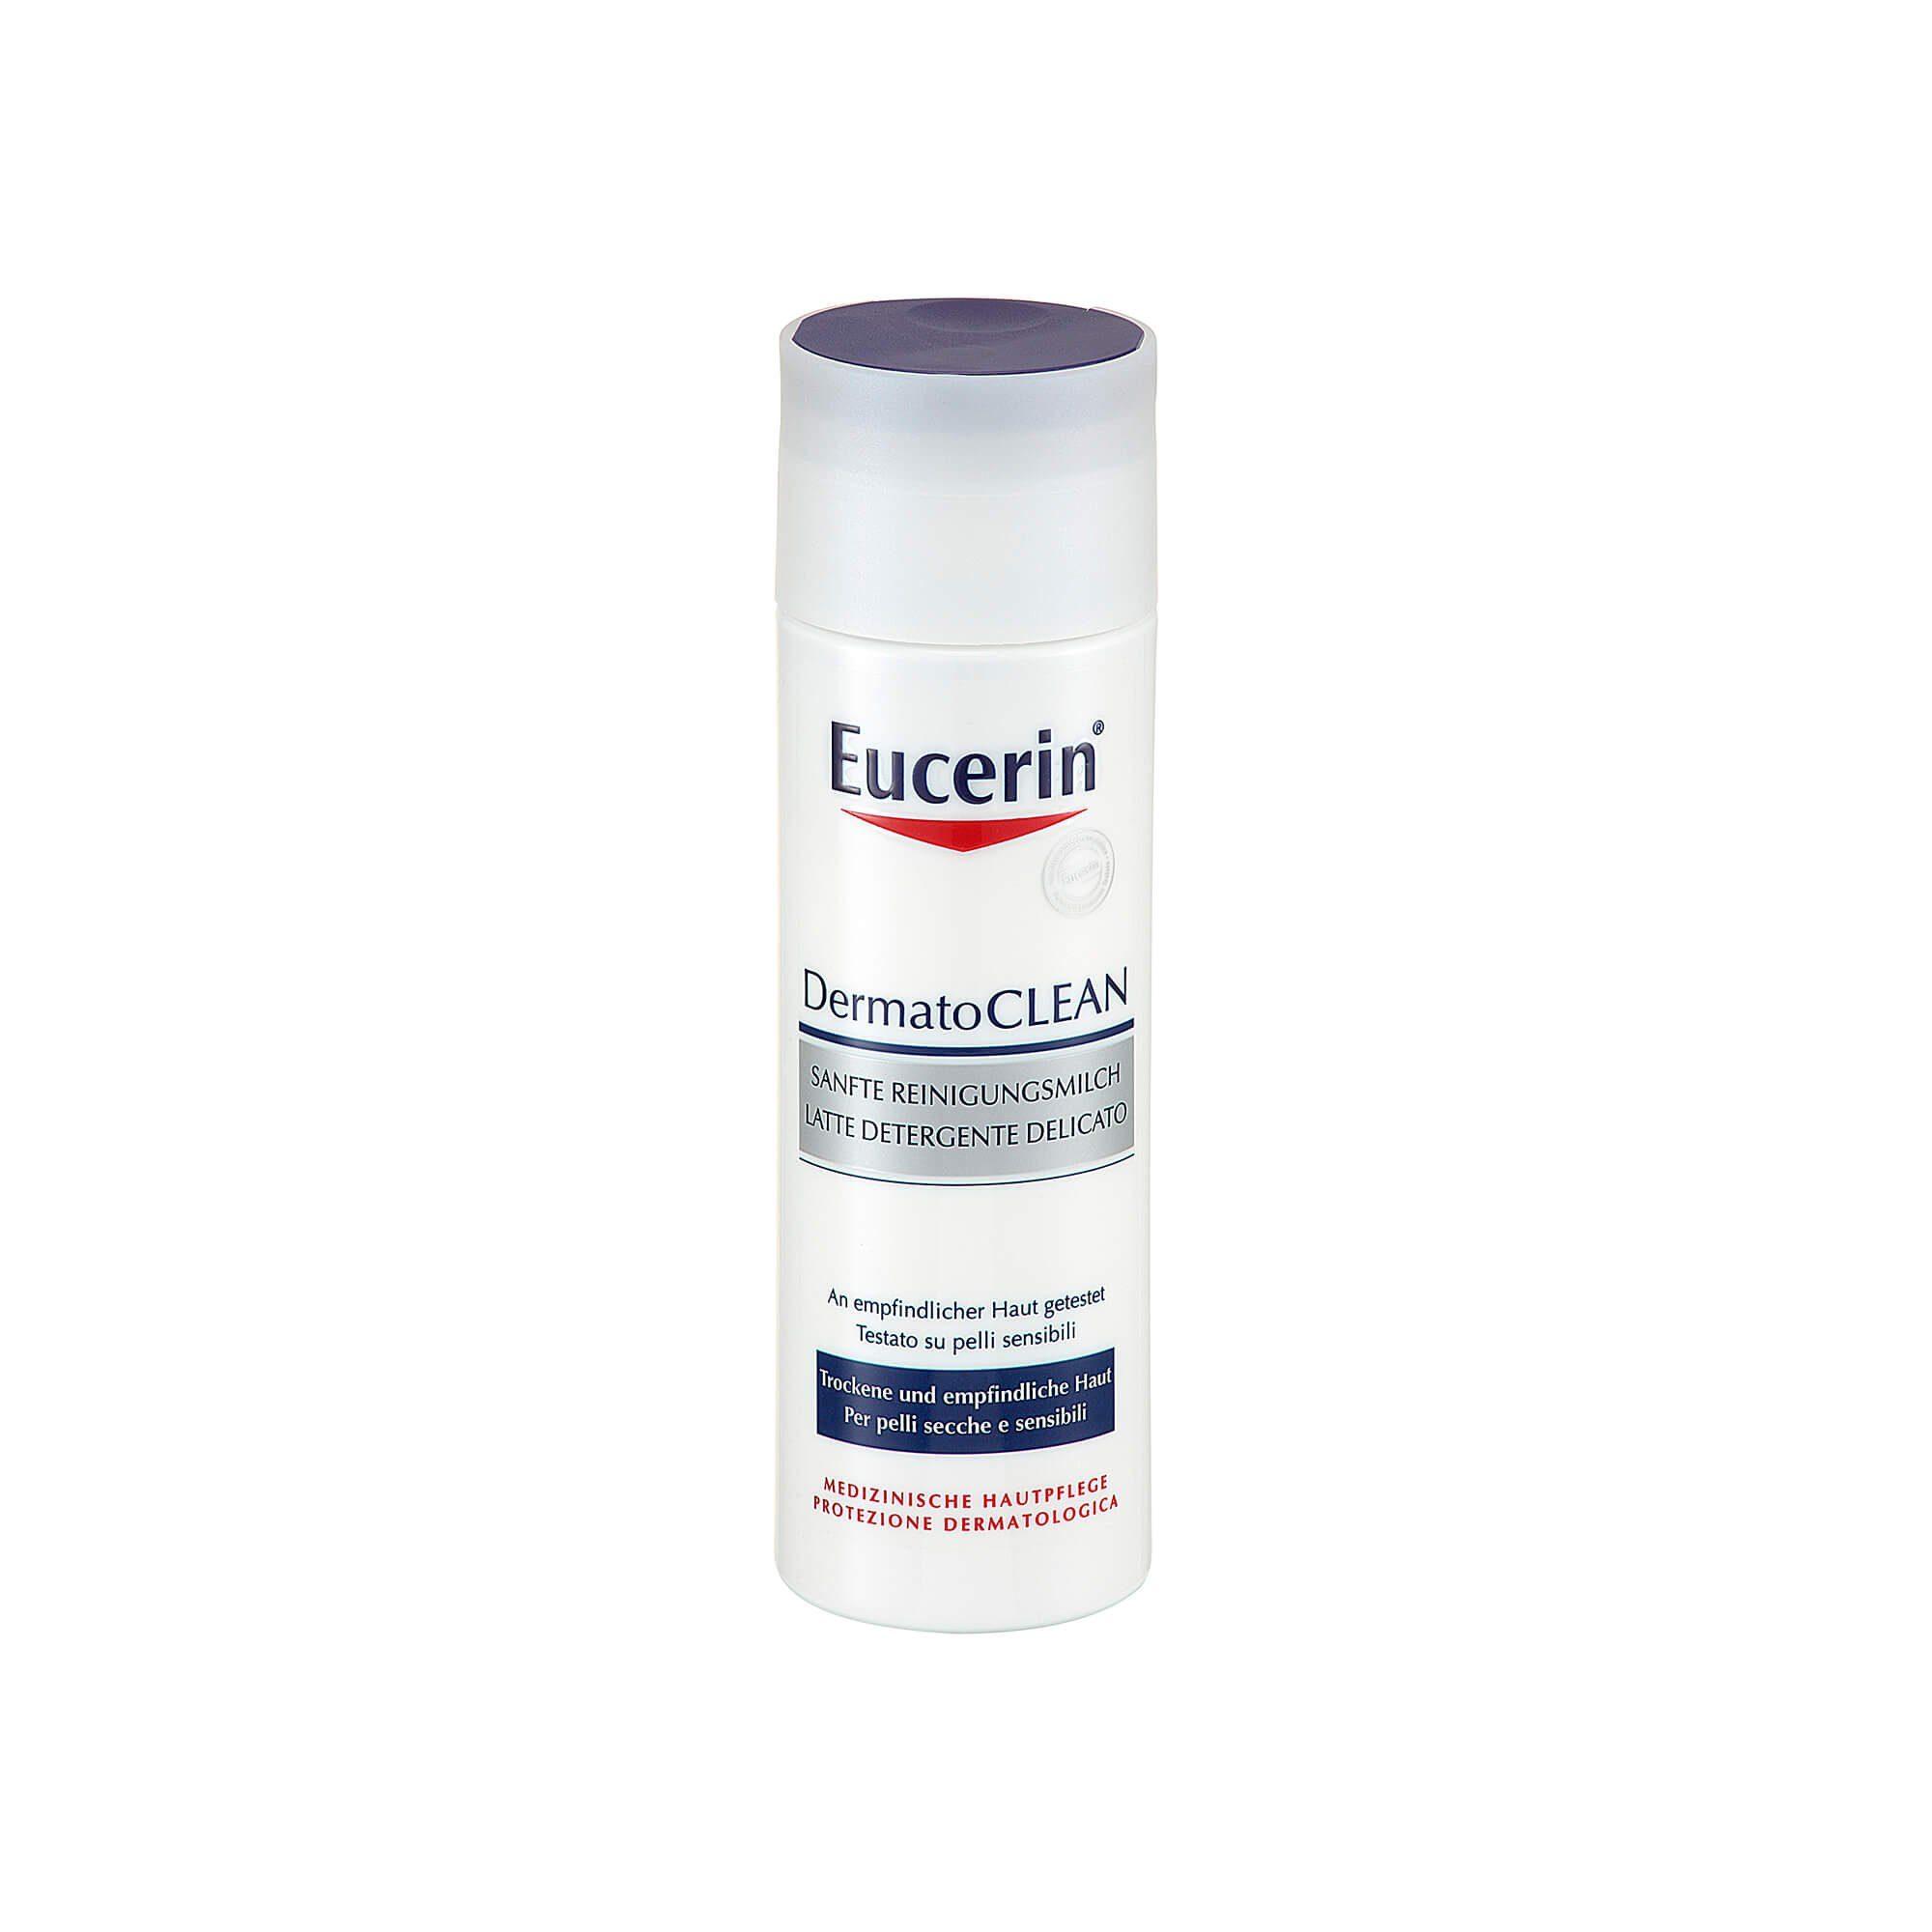 Eucerin Dermatoclean sanfte Reinigungsmilch , 200 ml